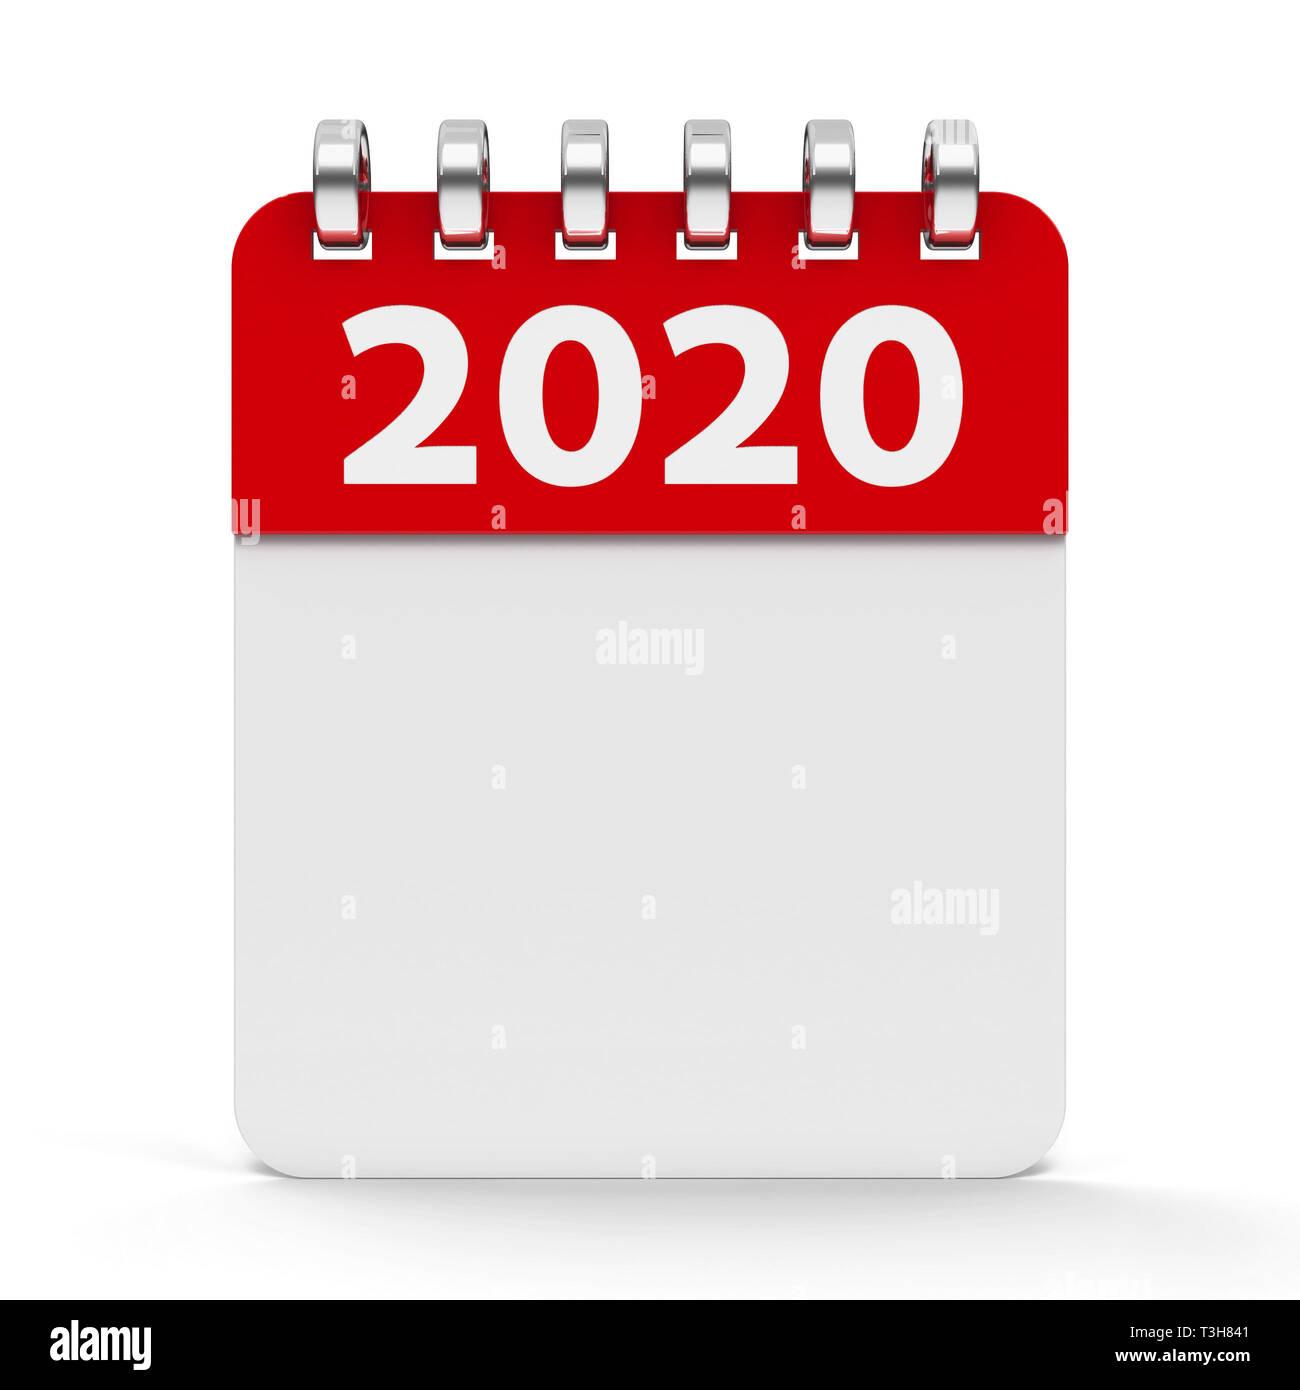 Calendario Saldi 2020.Icona Calendario Con Spirale 2020 Anno Tridimensionale